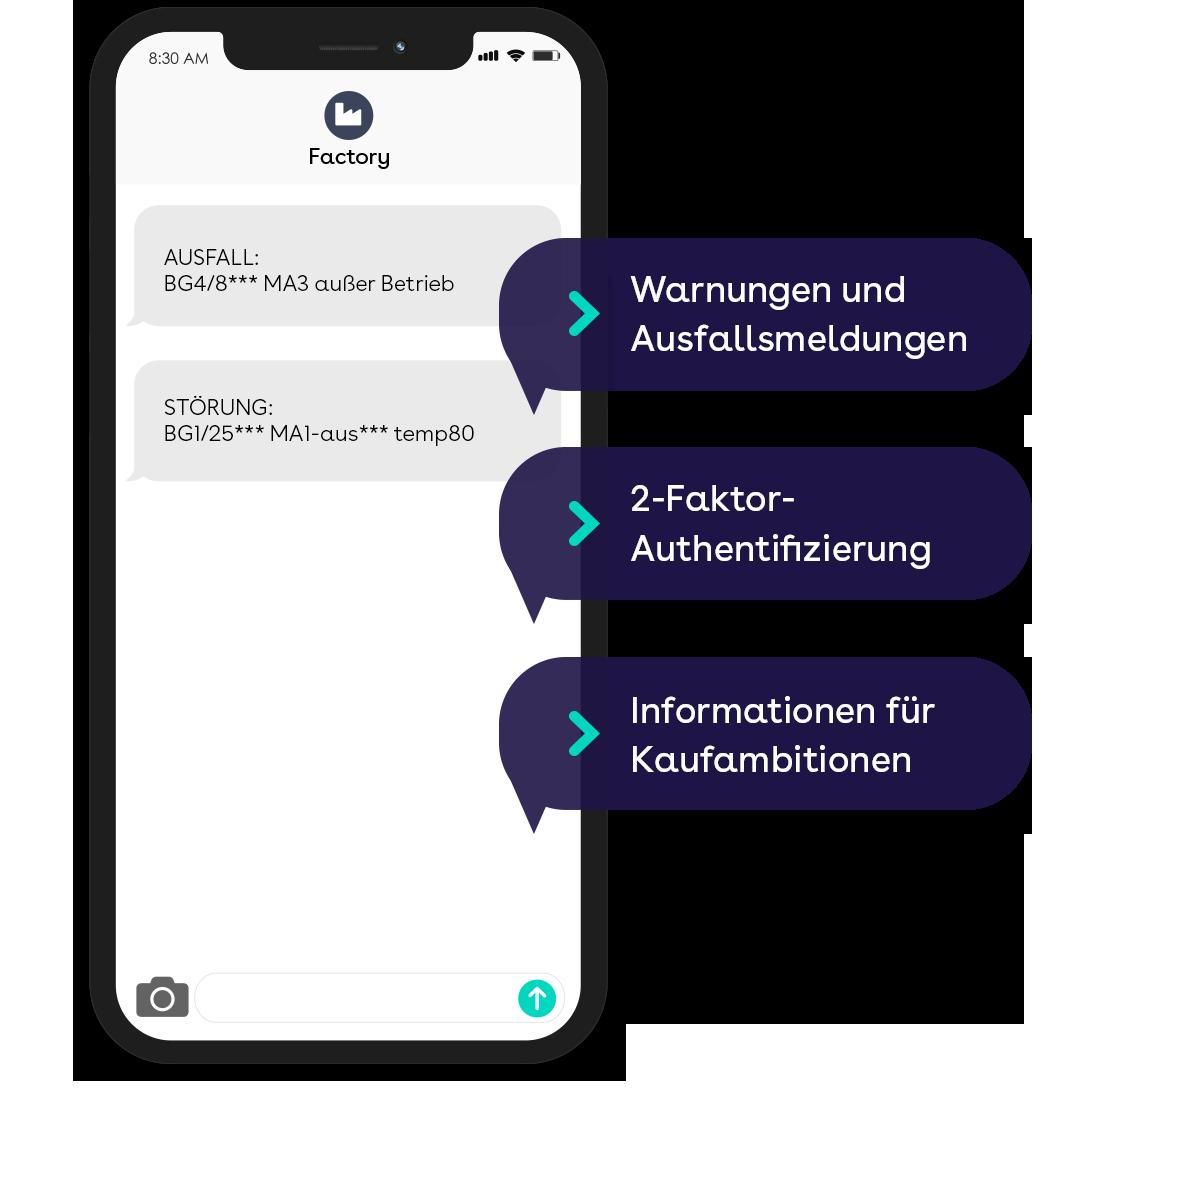 websms - Informationen für Kaufambitionen, 2-Faktor-Authentifizierung und Warnhinweise für Produktion und Industrie mittels SMS